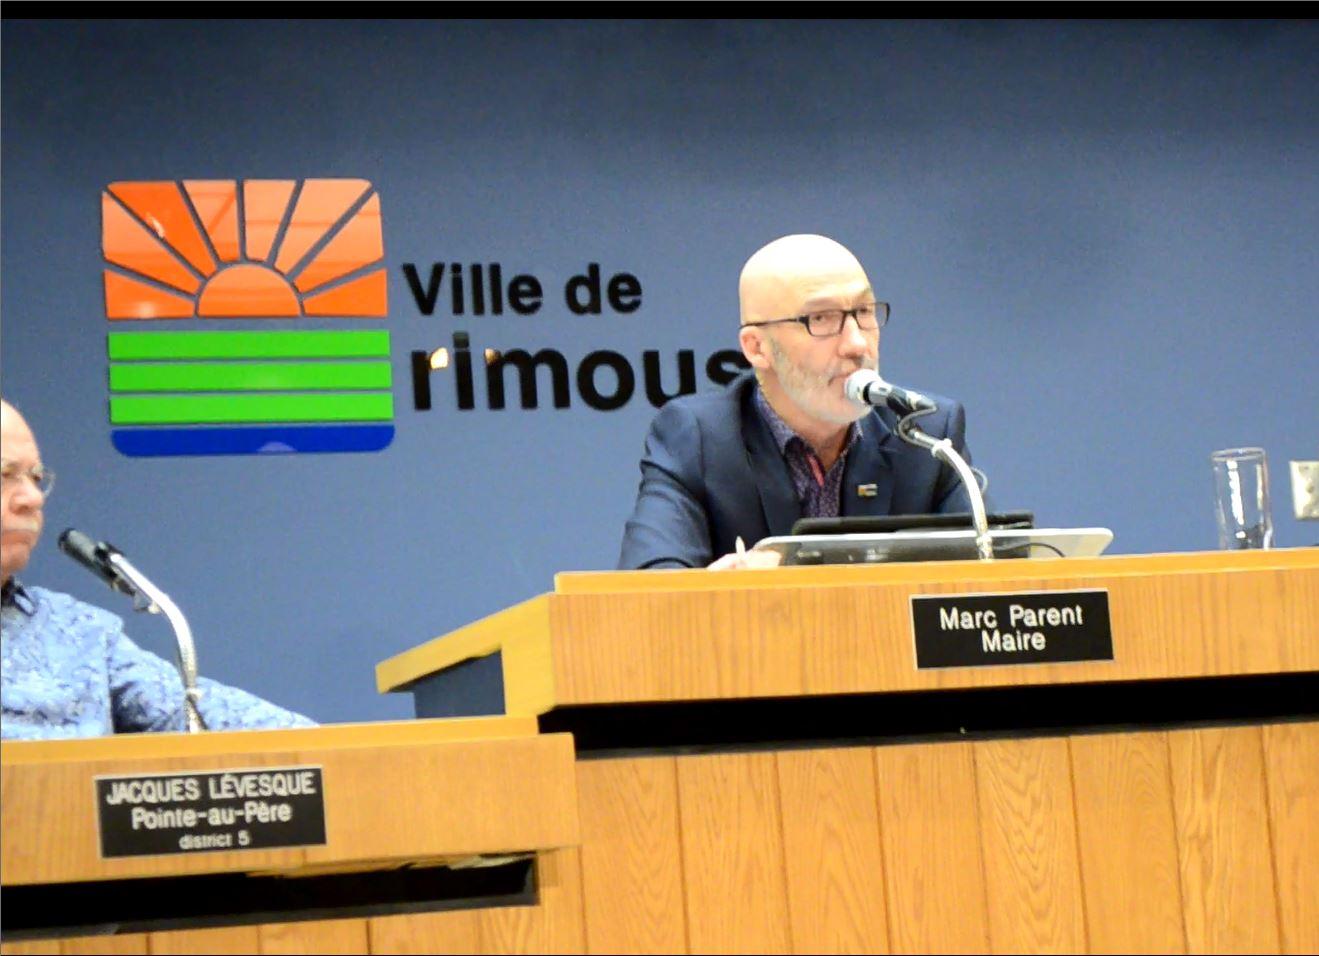 Le maire Marc Parent lors de la réunion du conseil municipal de la Ville de Rimouski lundi soir